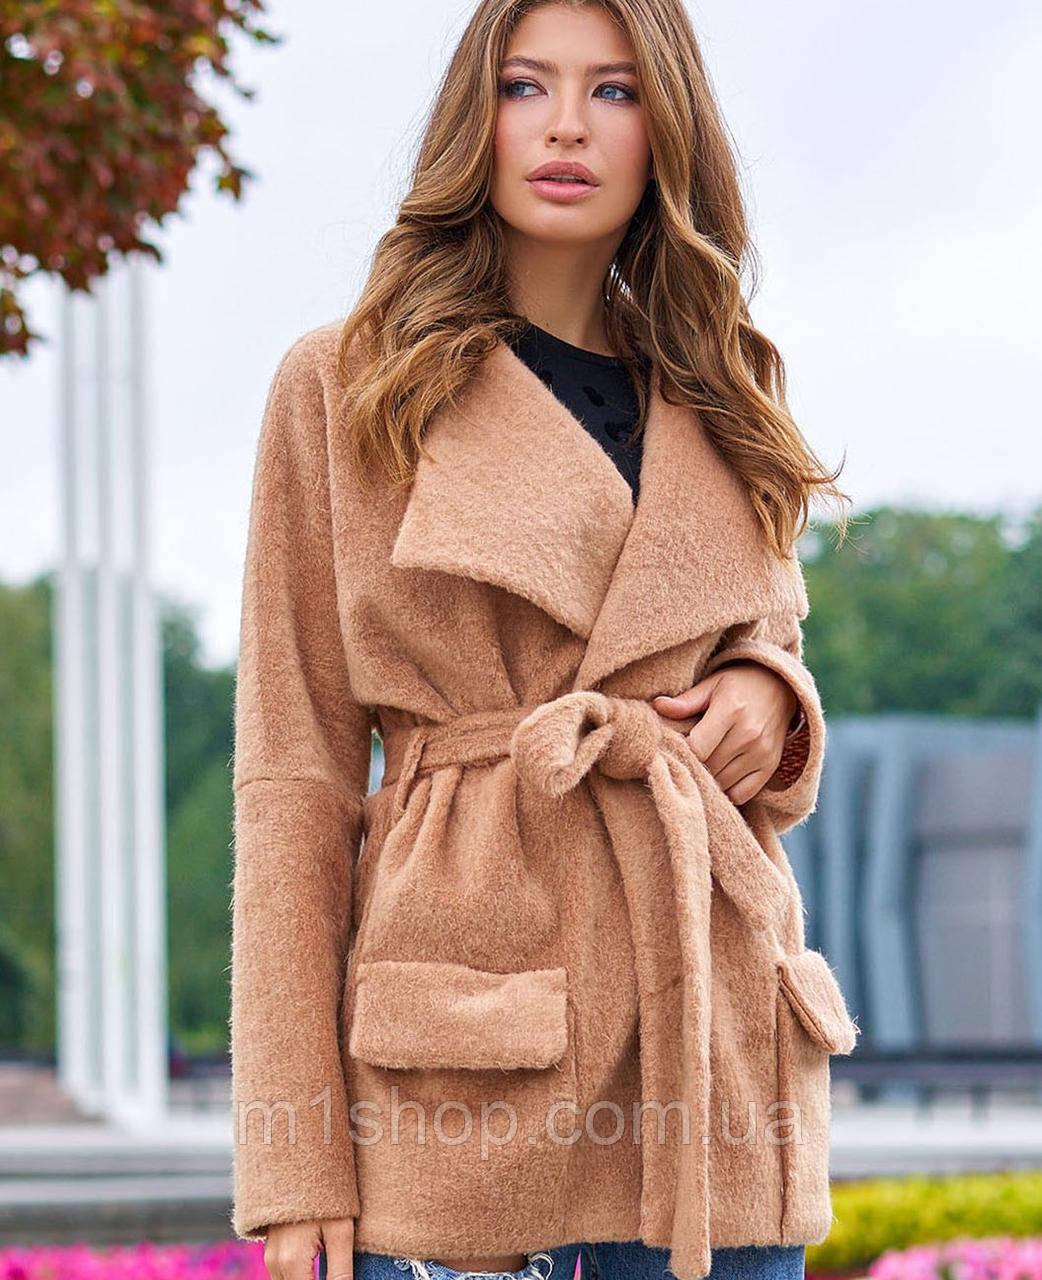 Женское короткое кашемировое пальто (Доминика jd)